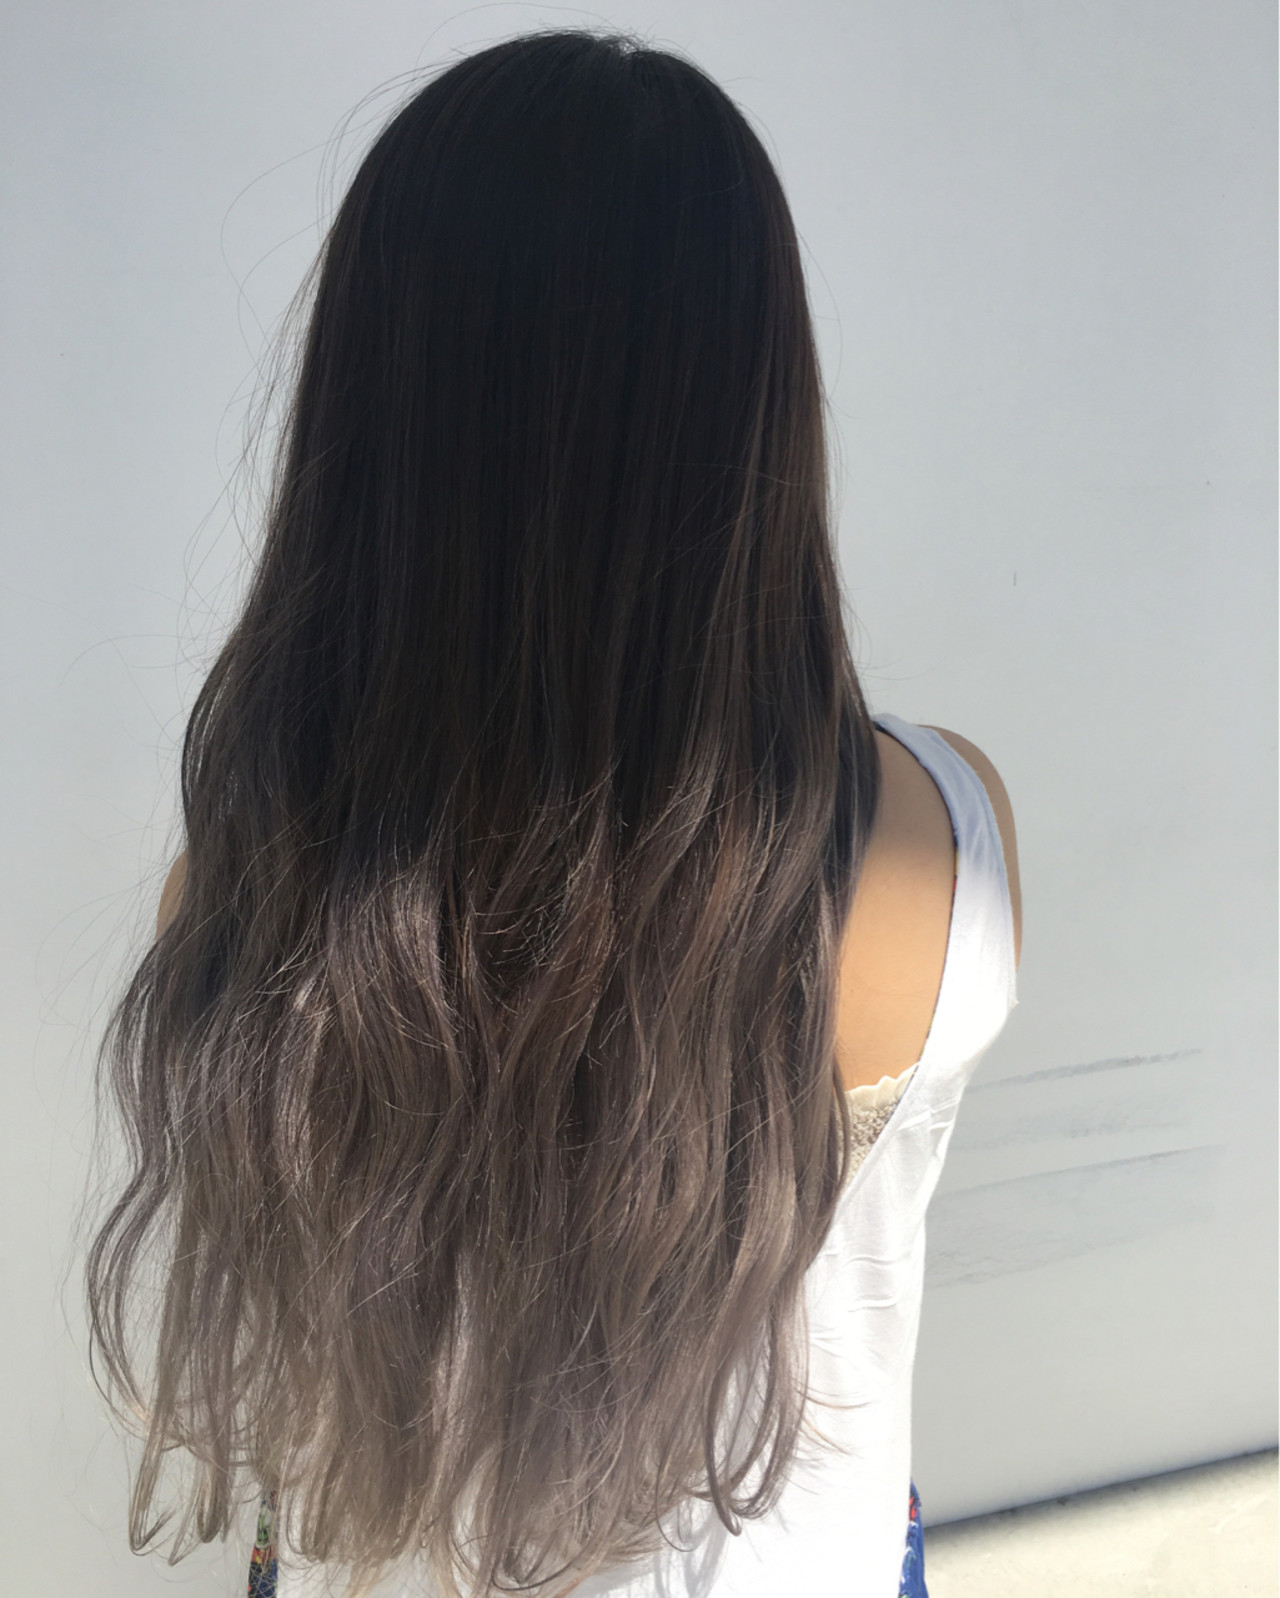 外国人風 グラデーションカラー ストリート 冬 ヘアスタイルや髪型の写真・画像 | KEYMAN NOMURA / KEYMAN hair&eye